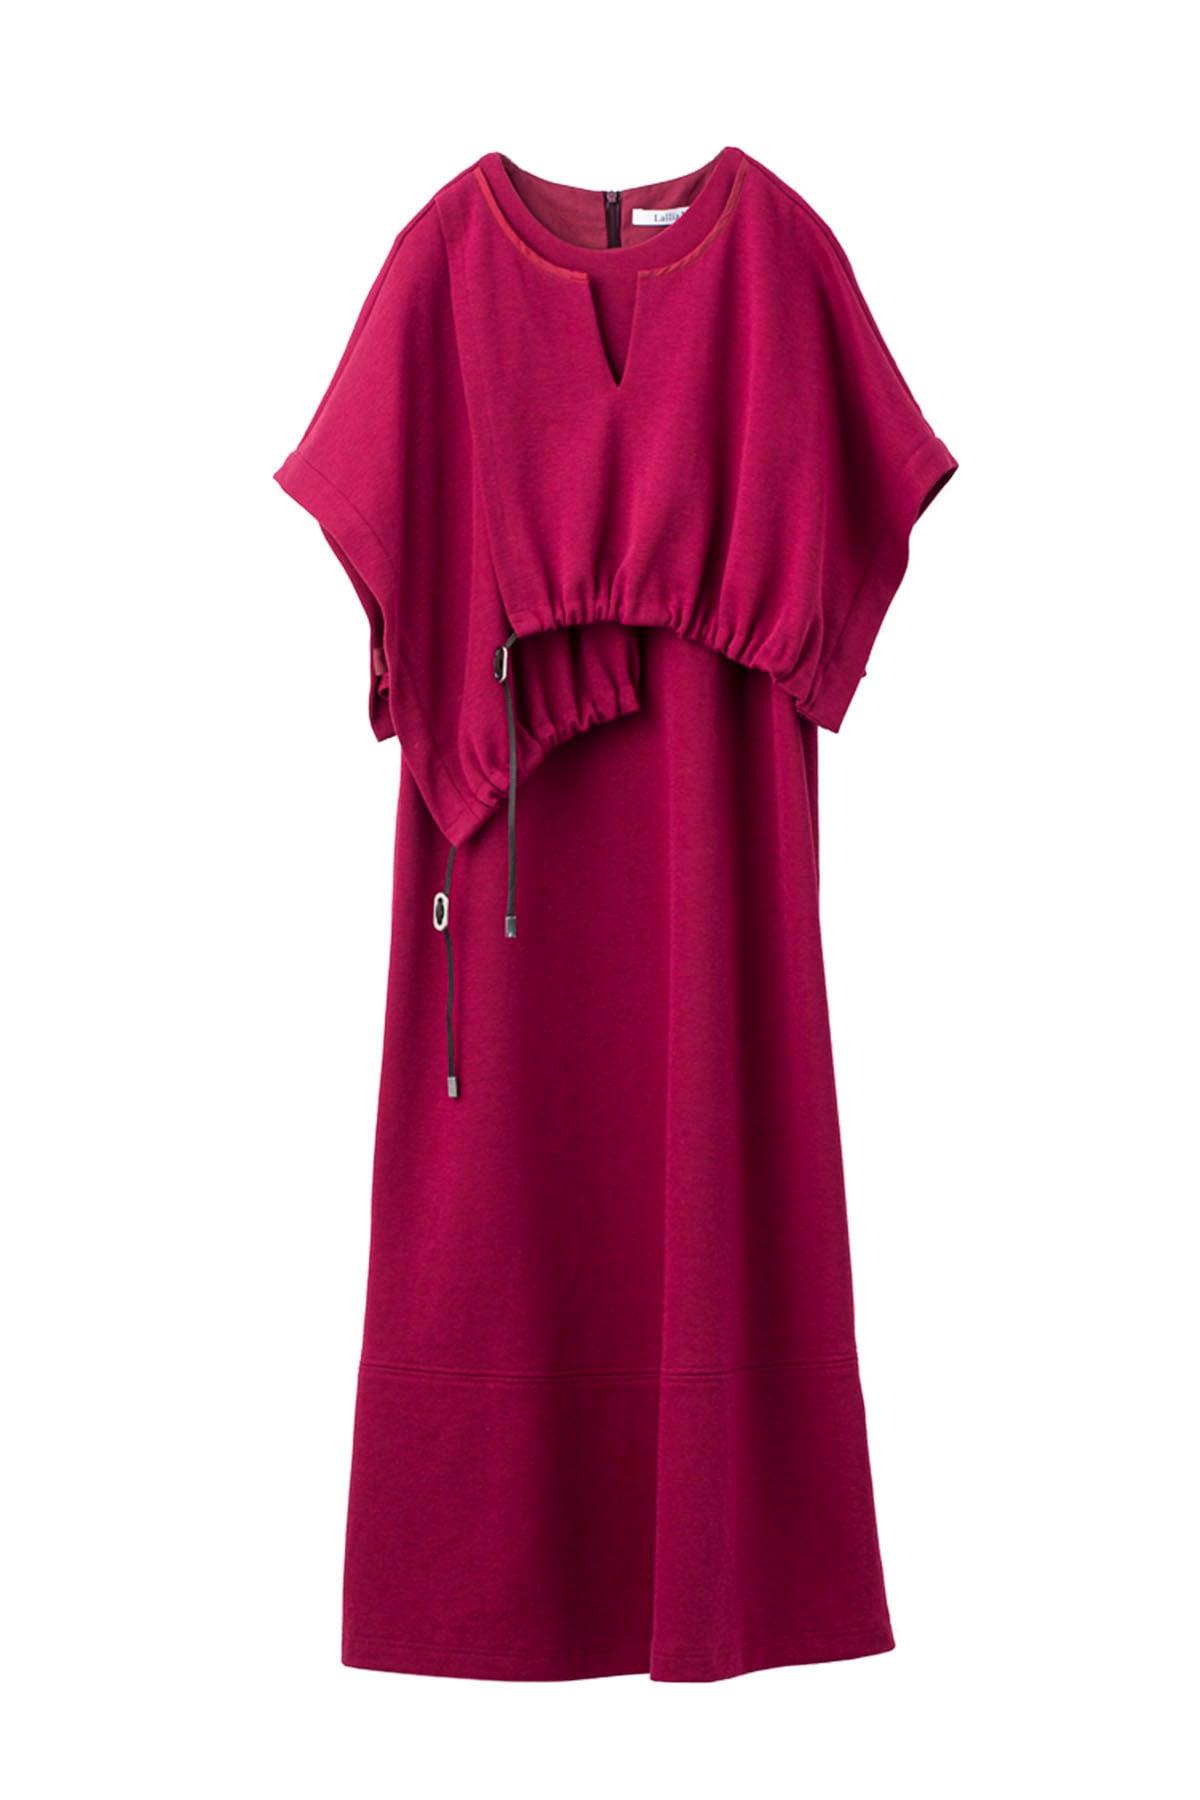 レイヤードギャザージャージードレス < レッド >